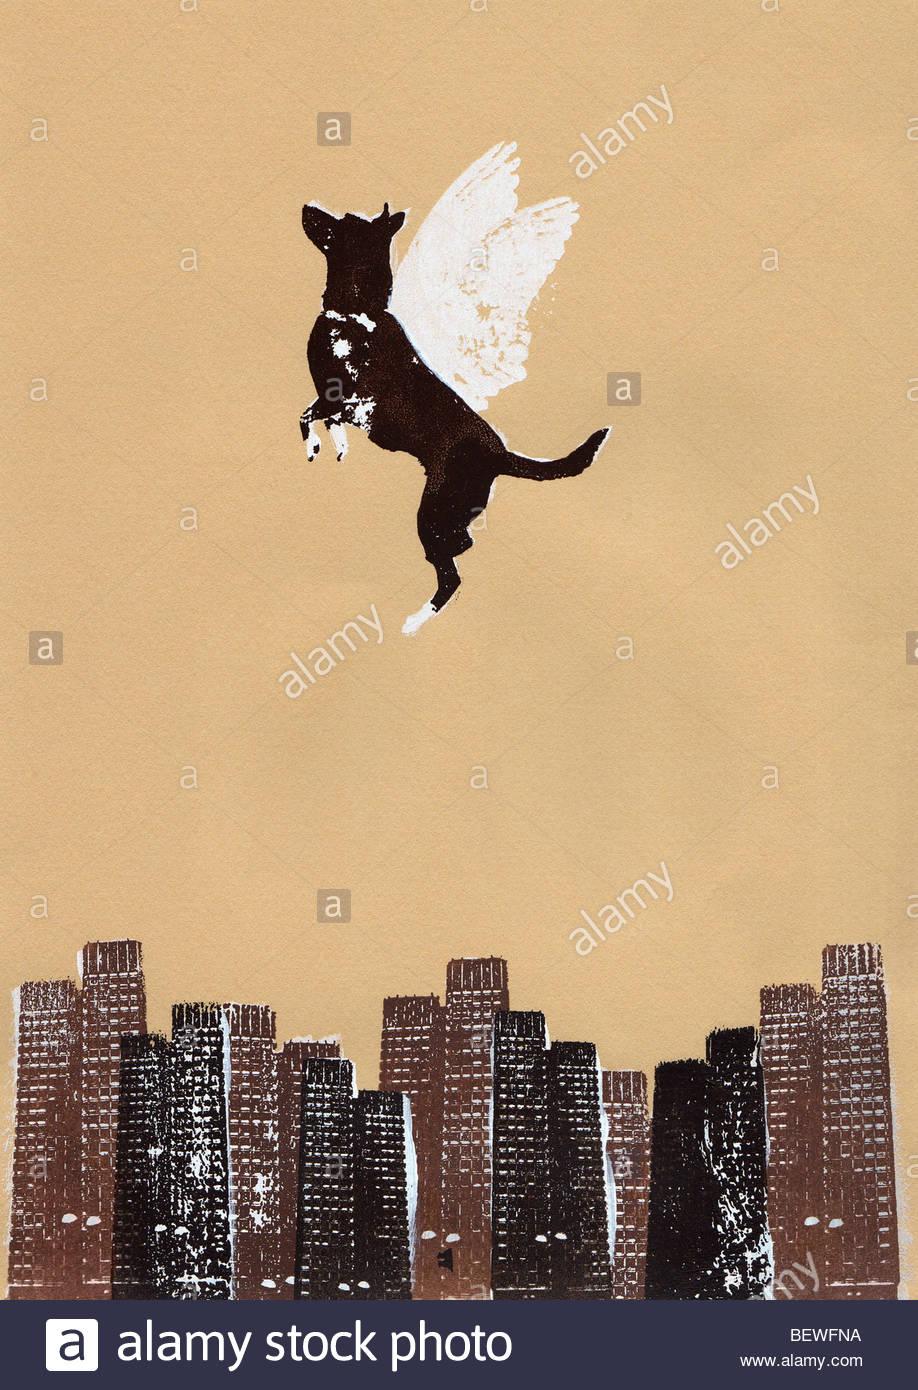 Perro alado volando por encima de ciudad Imagen De Stock